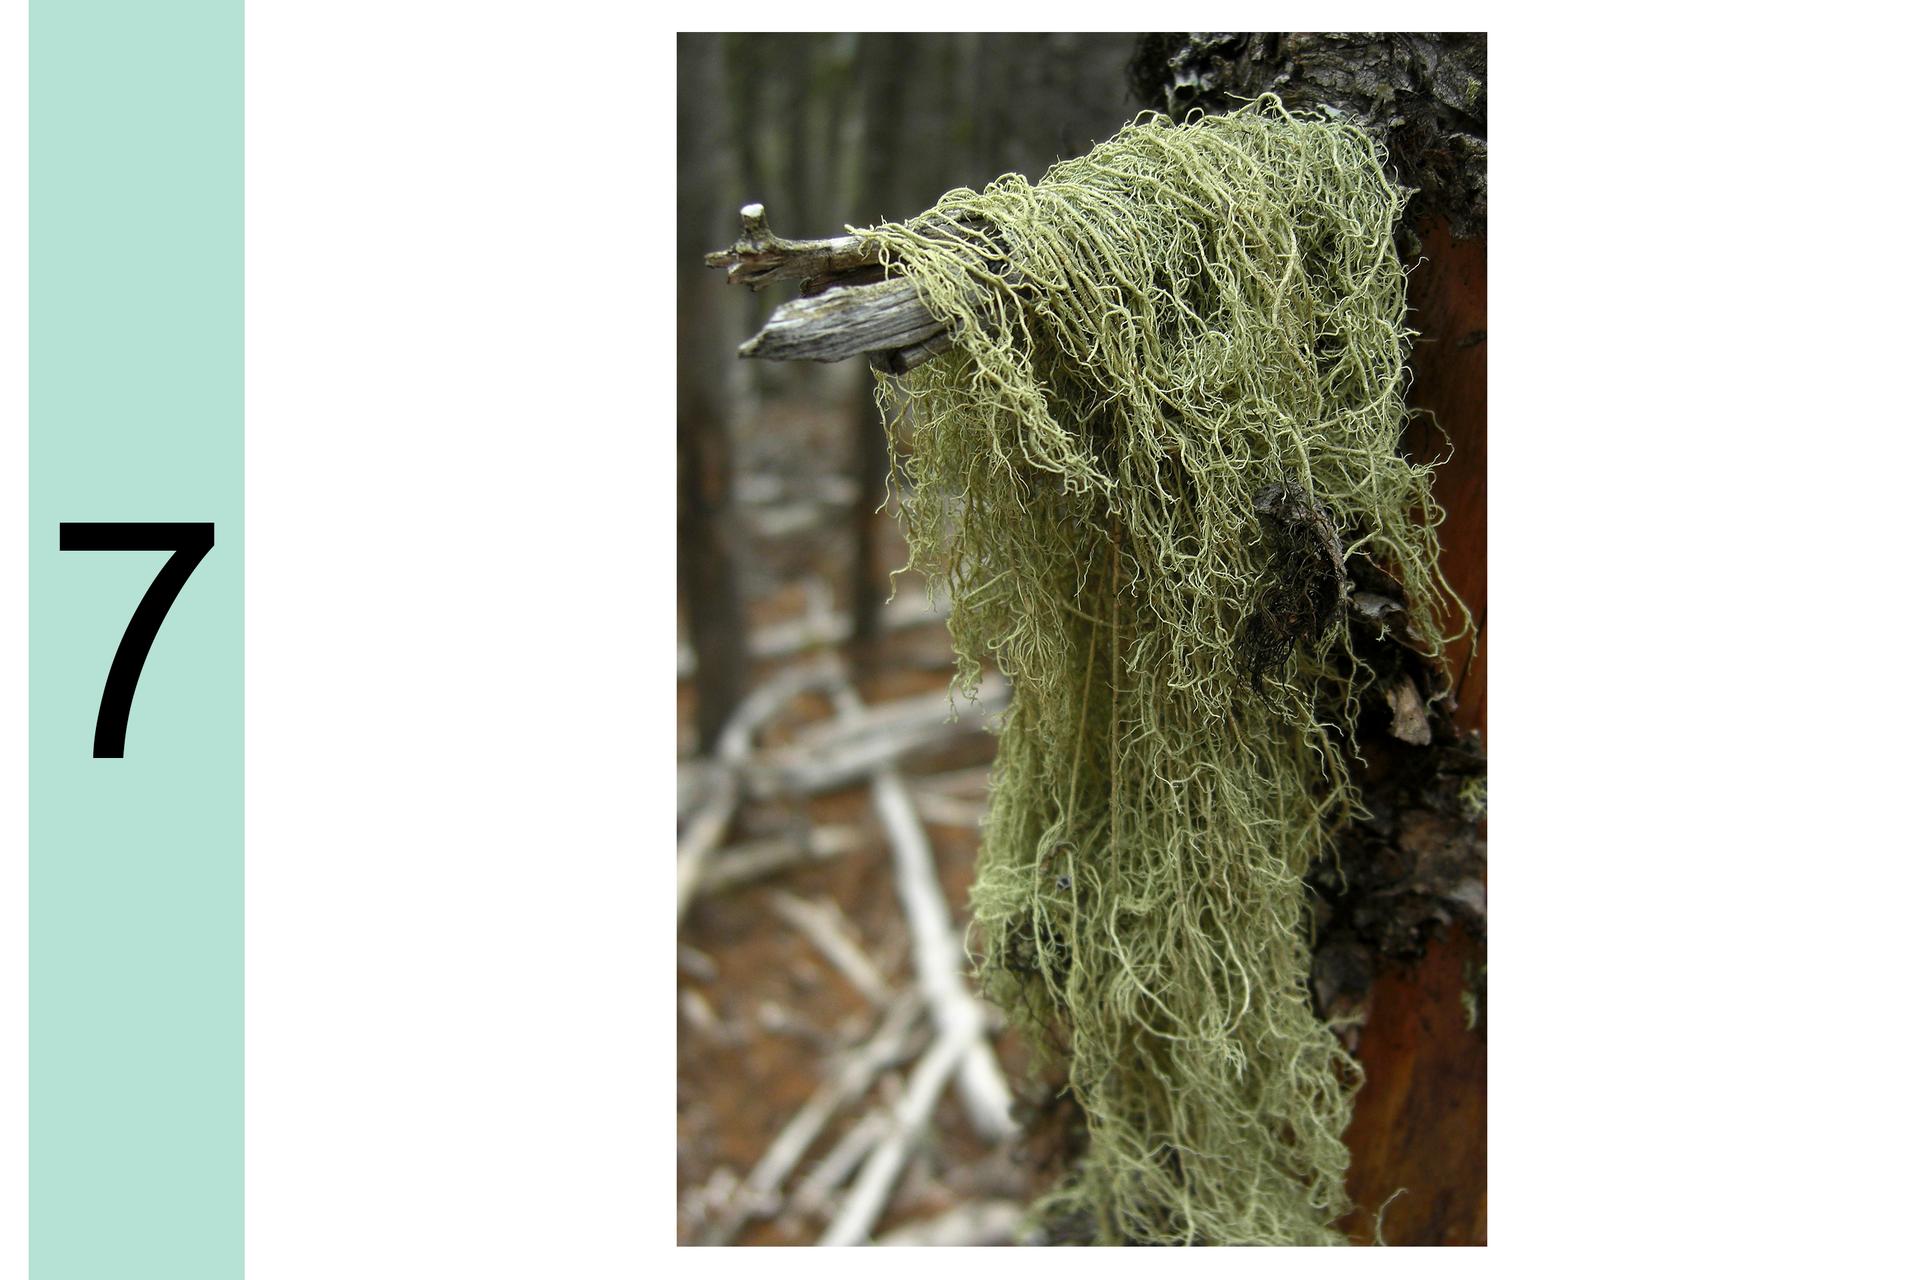 Fotografia prezentuje stopień 7 wskali porostowej. Na korze drzewa zwisający zgałęzi długi, zielony krzaczkowaty porost.